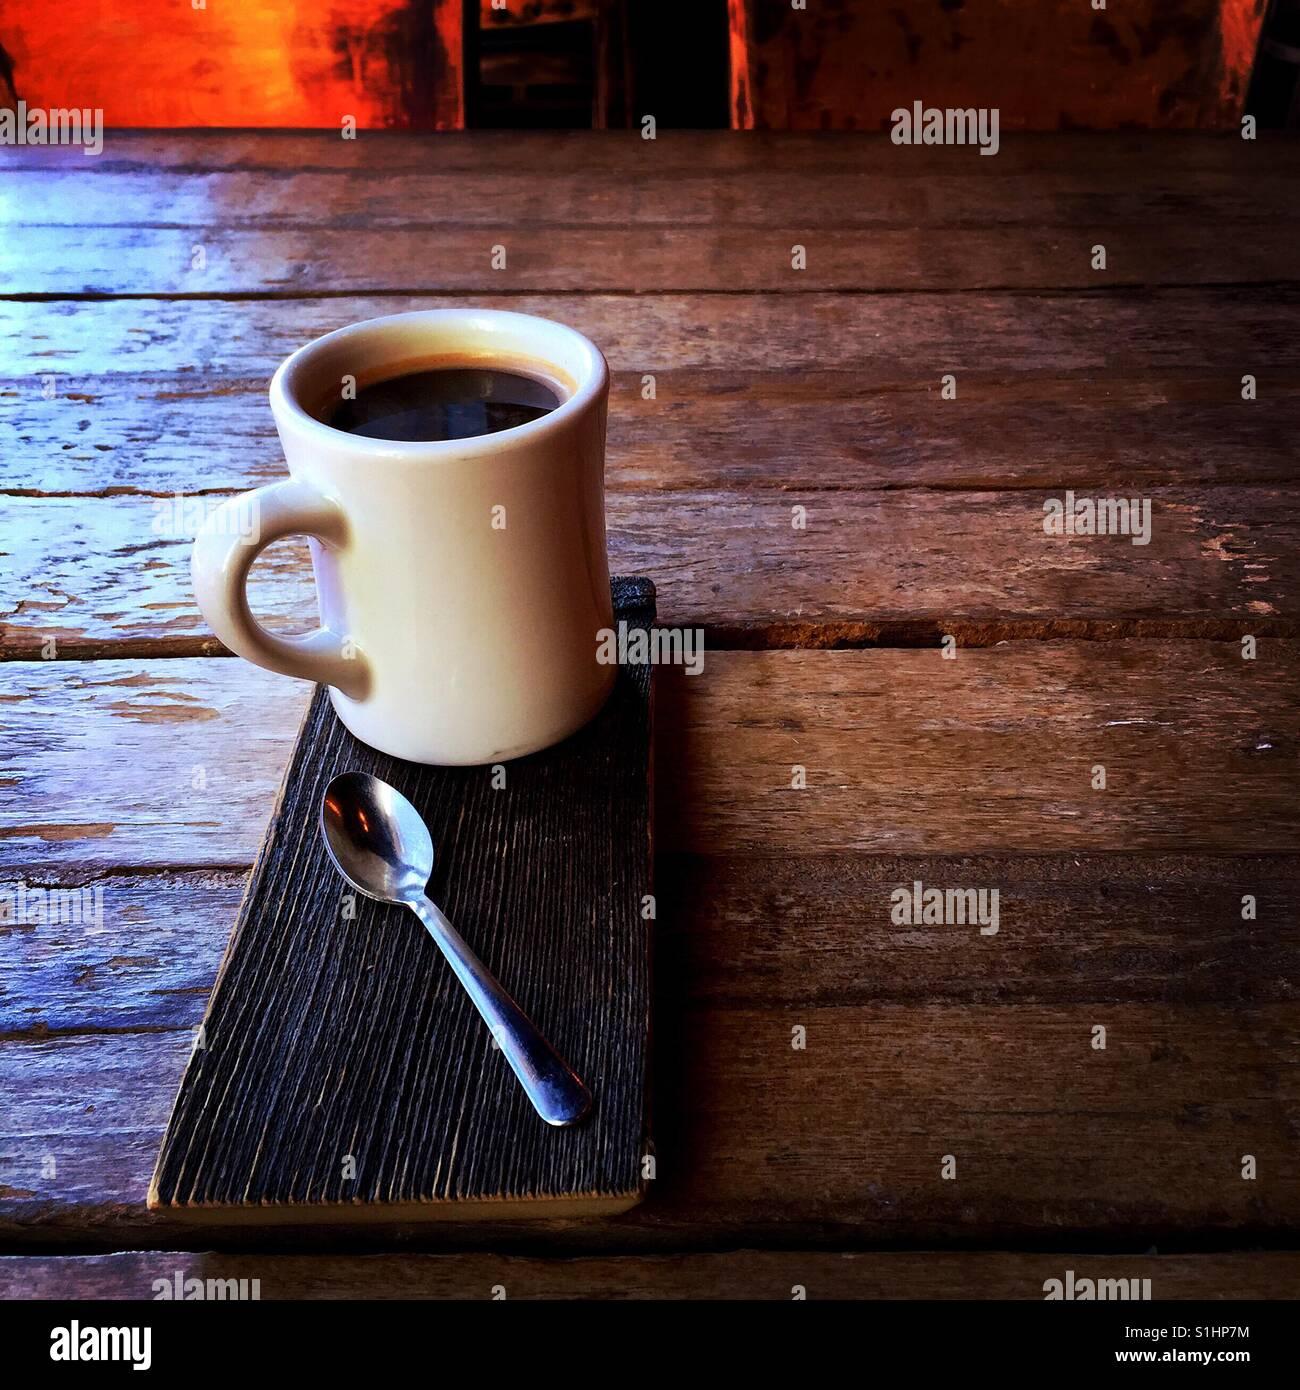 Un americano, bebidas frescas y una cuchara en un plato para servir de madera sobre una mesa de madera Imagen De Stock